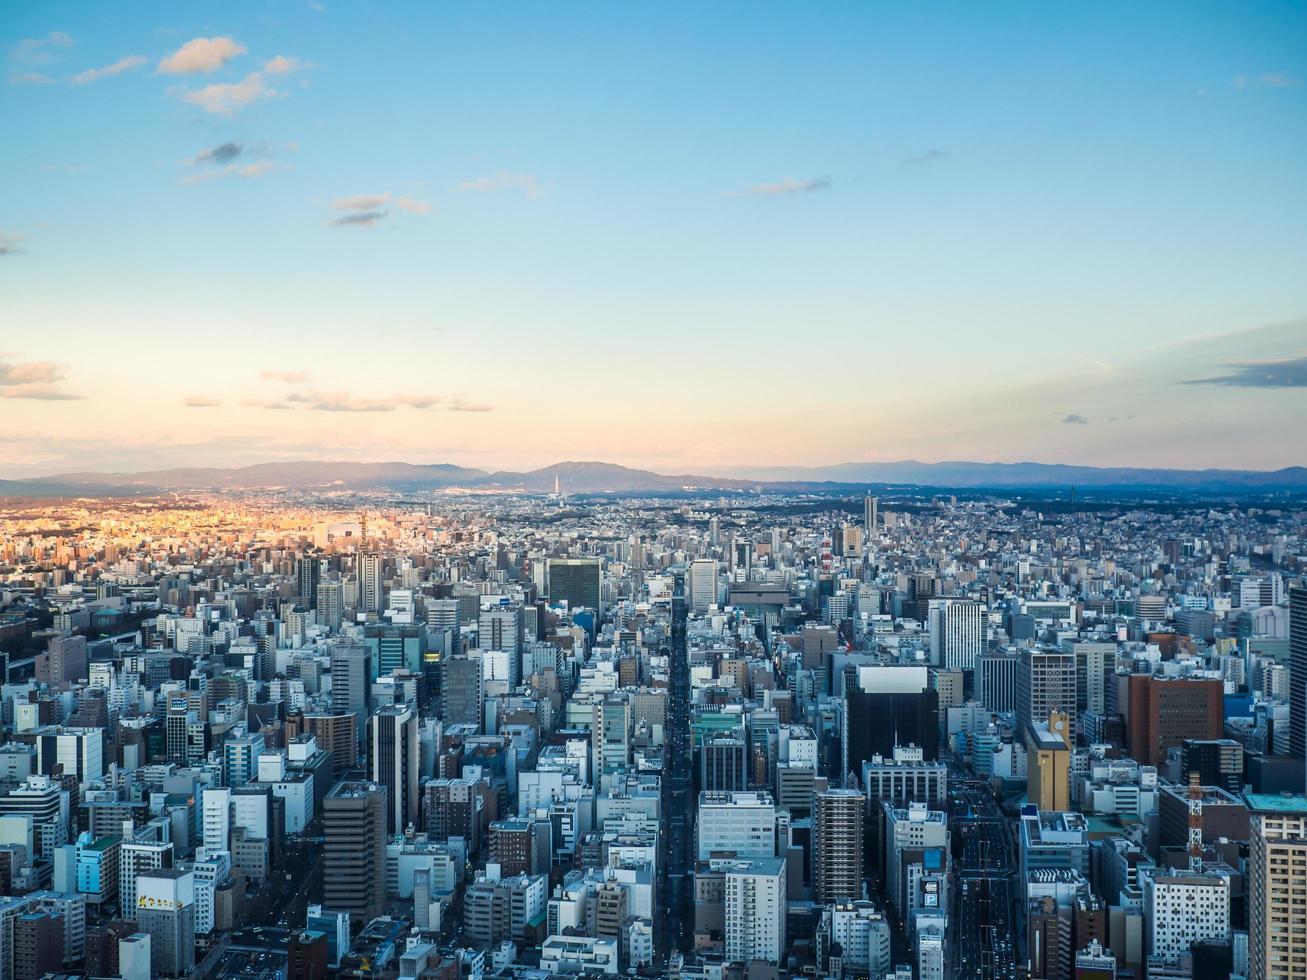 Vista aérea de la ciudad de Nagoya en Japón foto